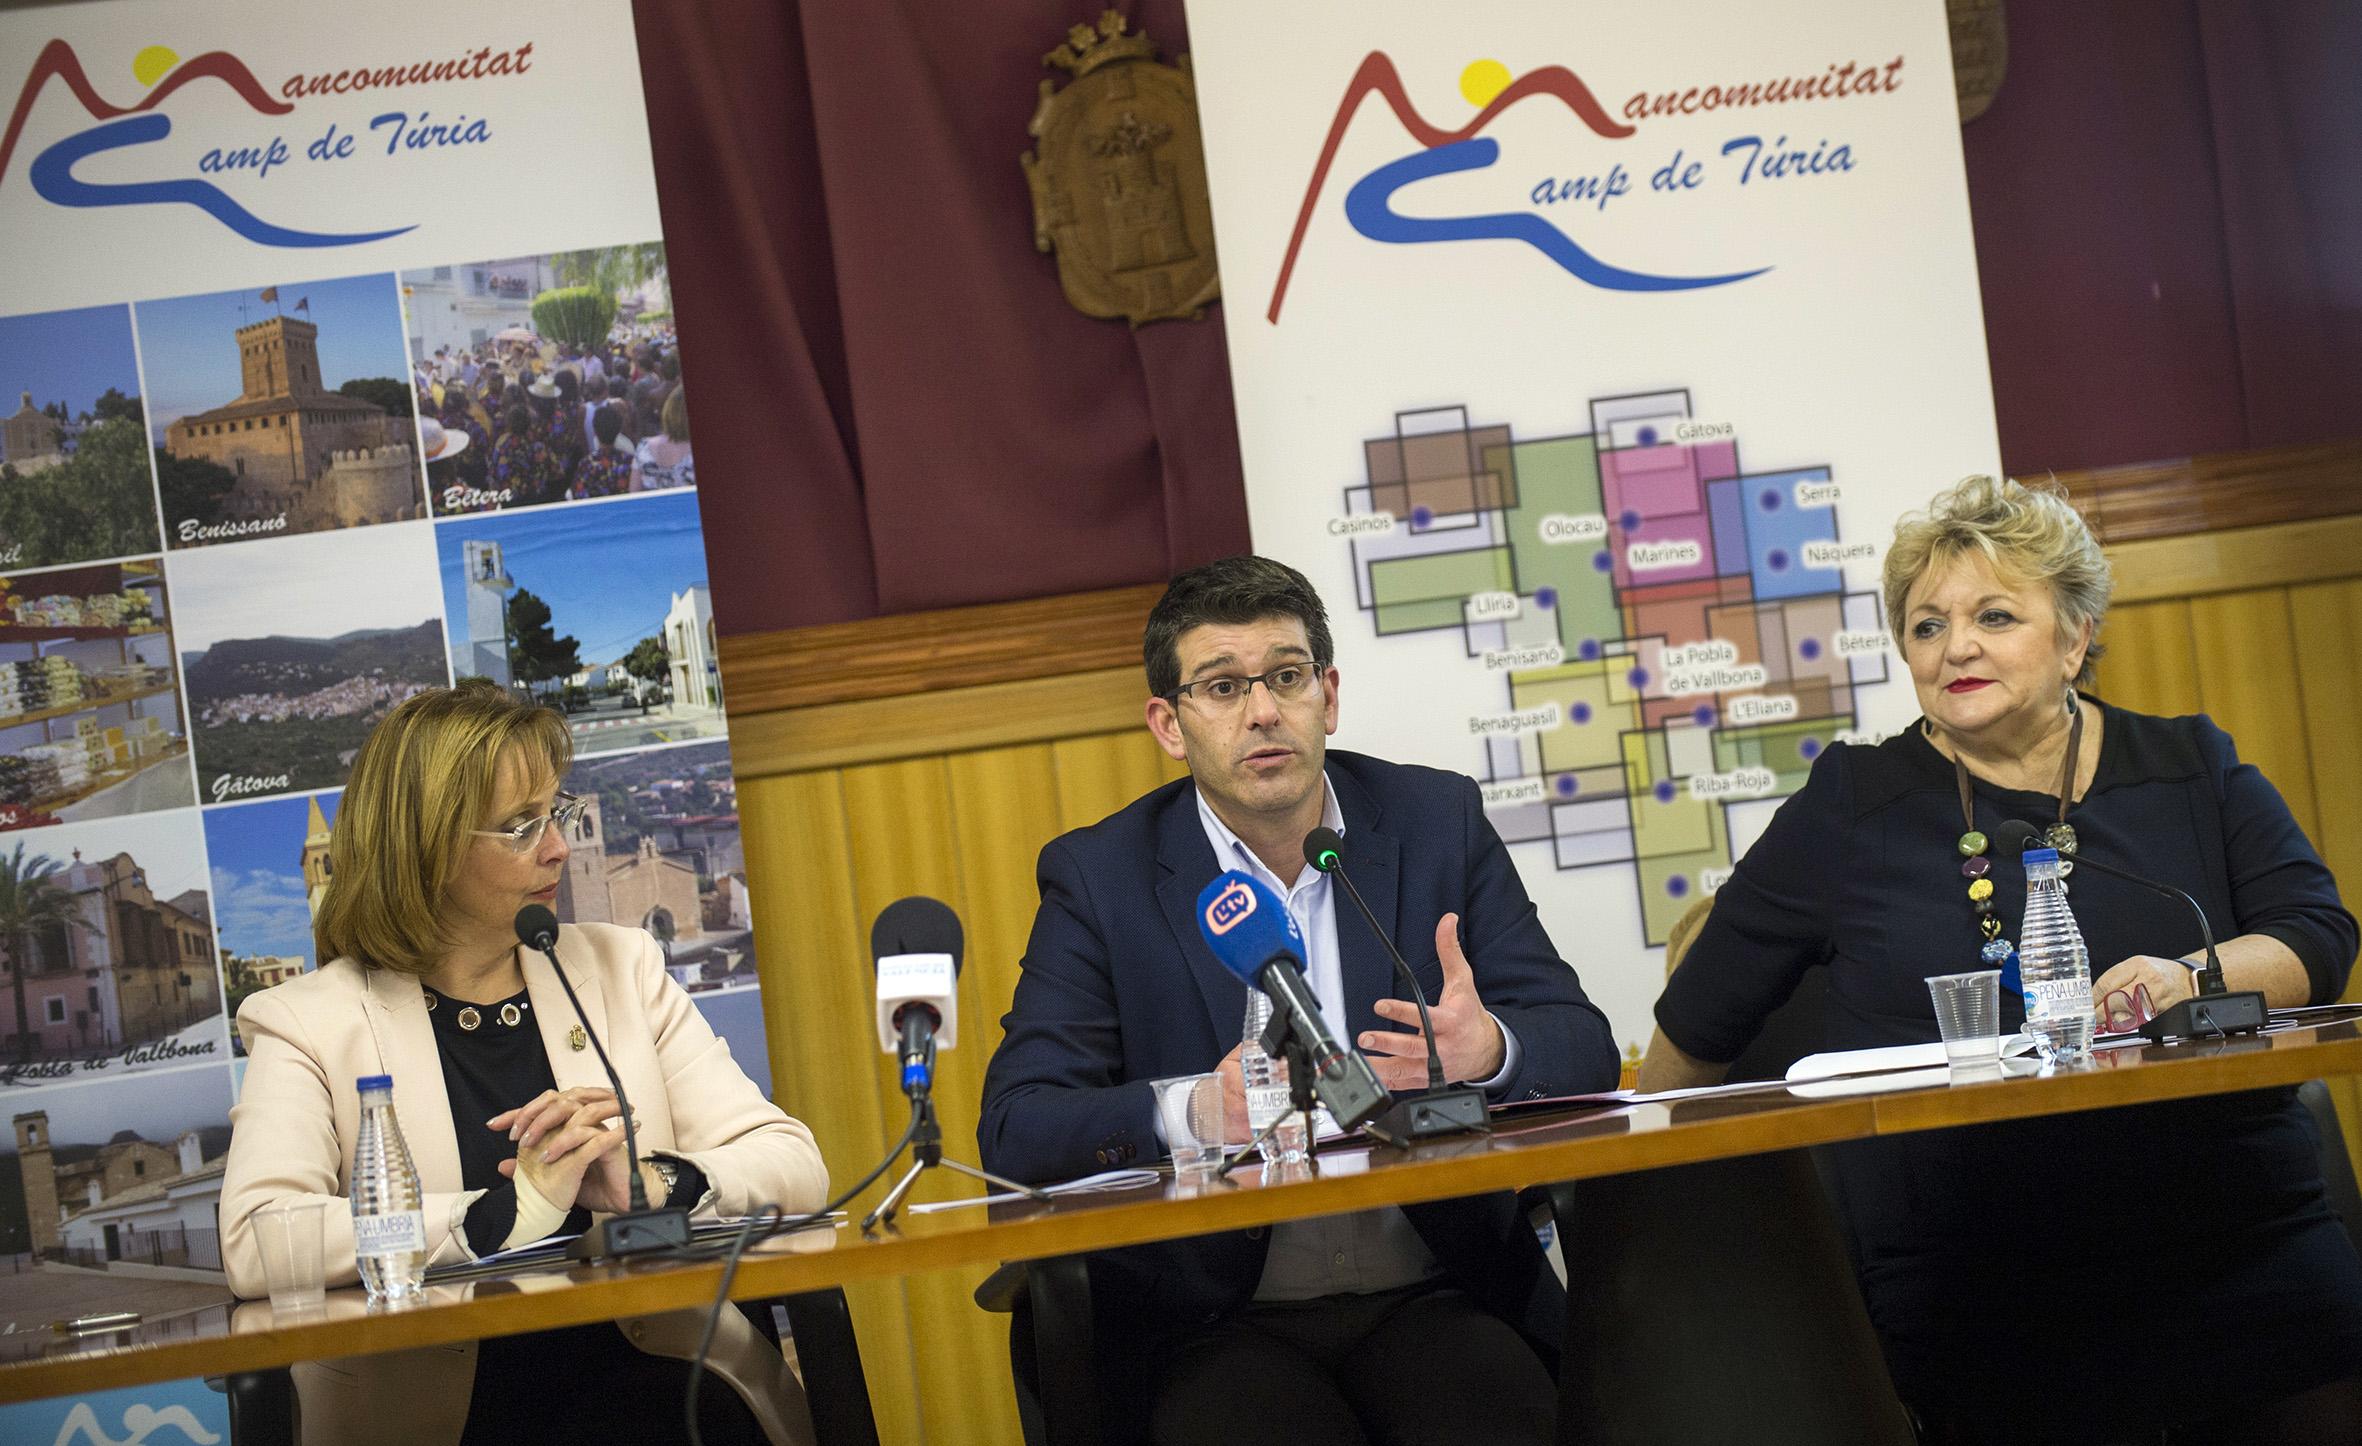 Jorge Rodríguez avanza las partidas del Presupuesto de este año en la comarca con 4,3 millones para obras y servicios, 960.000 para caminos, 560.000 para empleo y 420.000 para cubrir daños por lluvias.